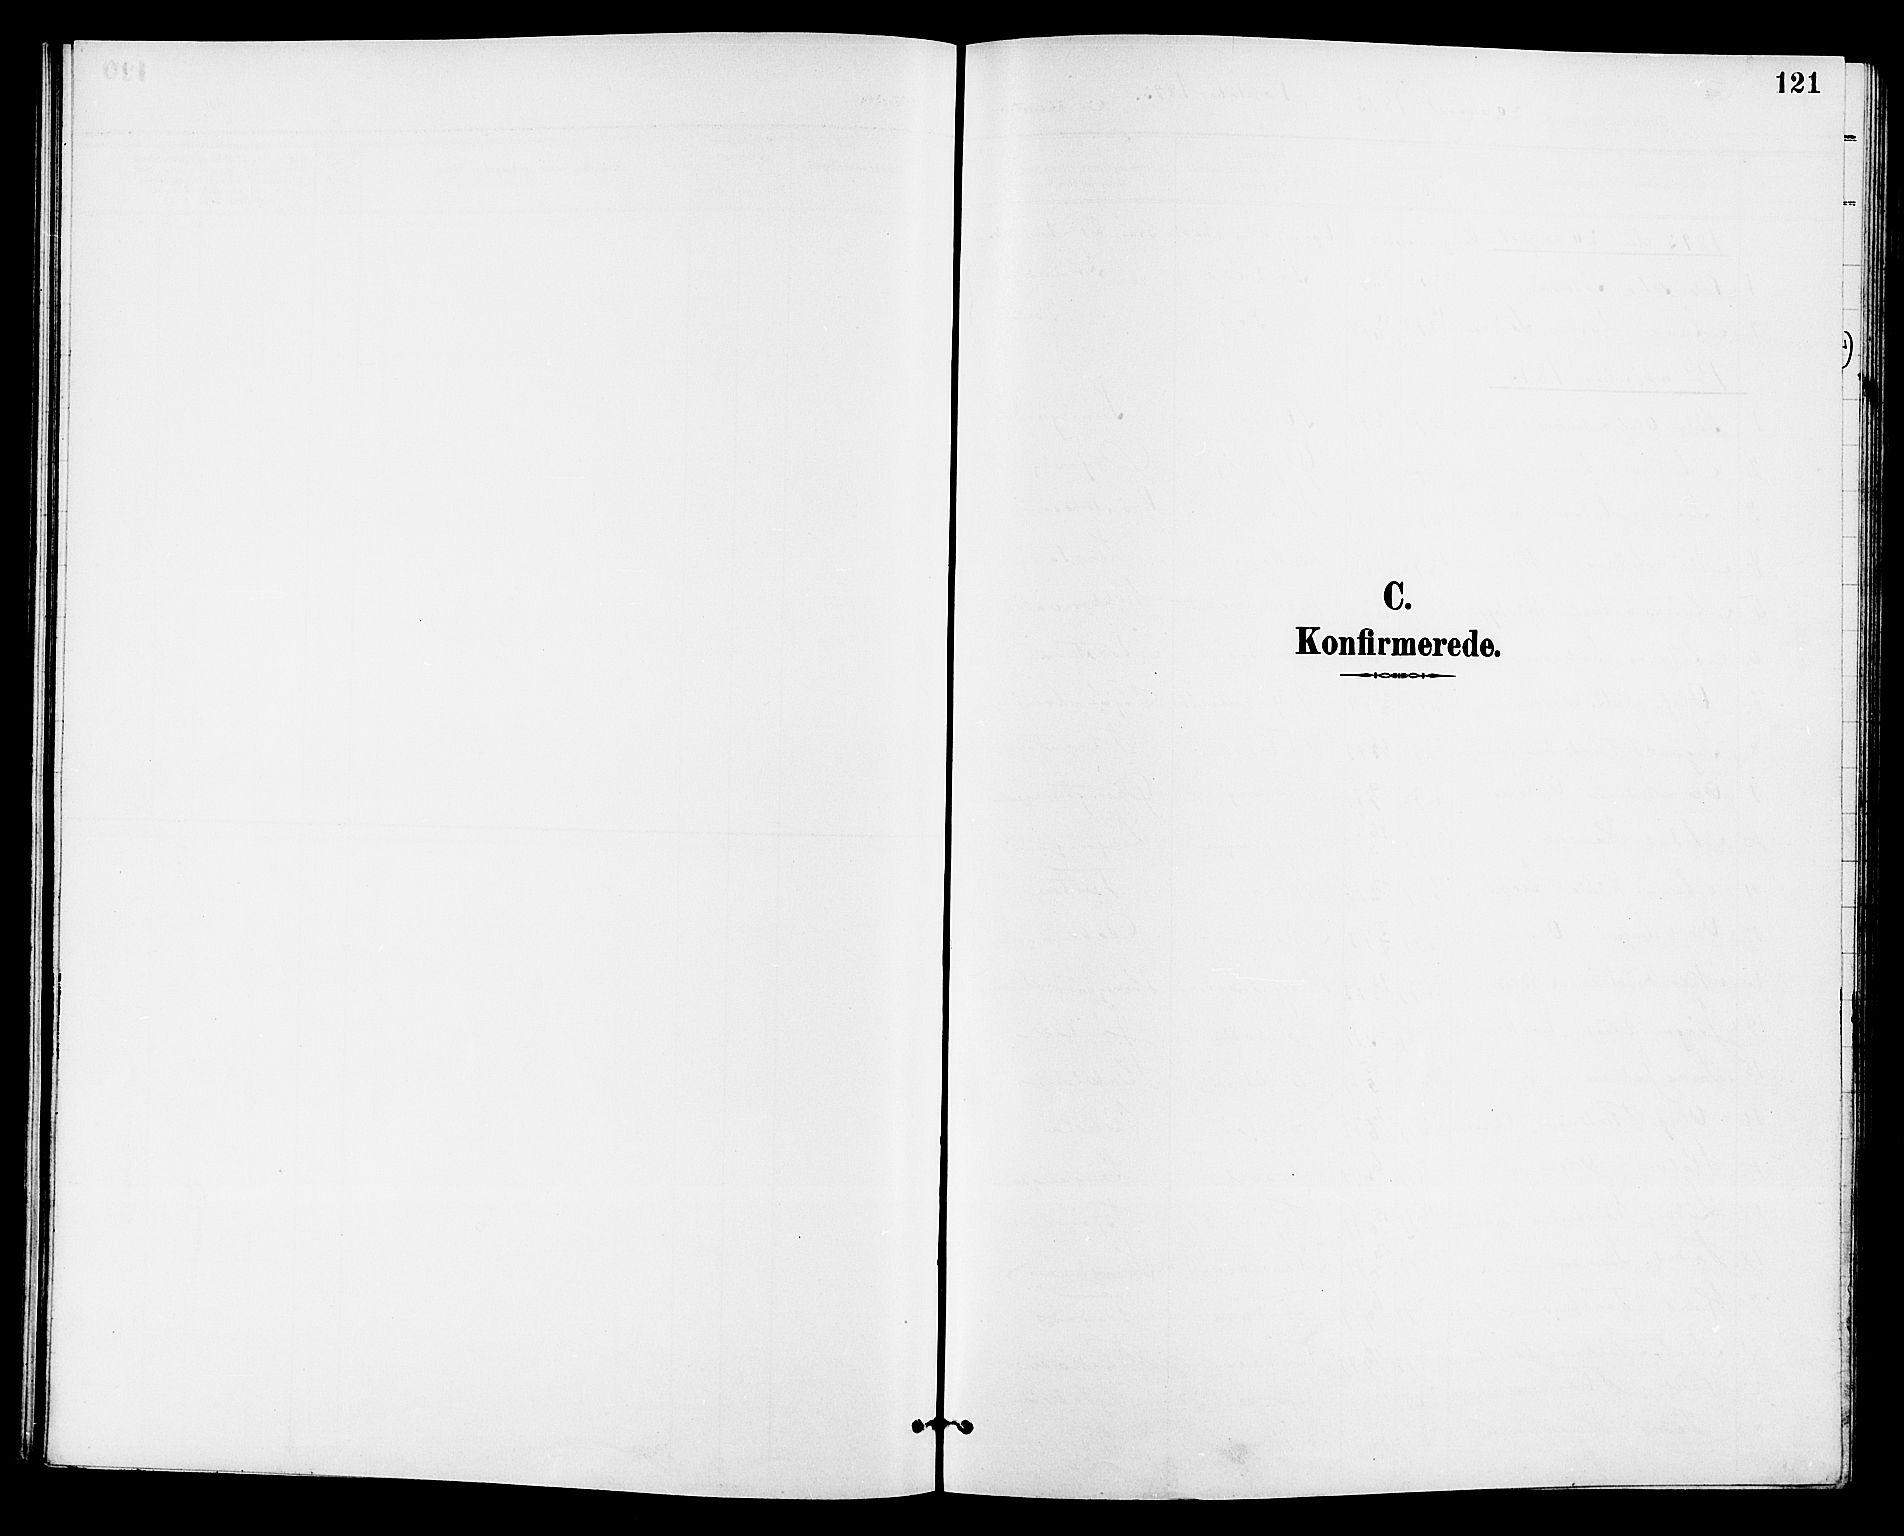 SAKO, Eidanger kirkebøker, G/Ga/L0003: Klokkerbok nr. 3, 1893-1911, s. 121